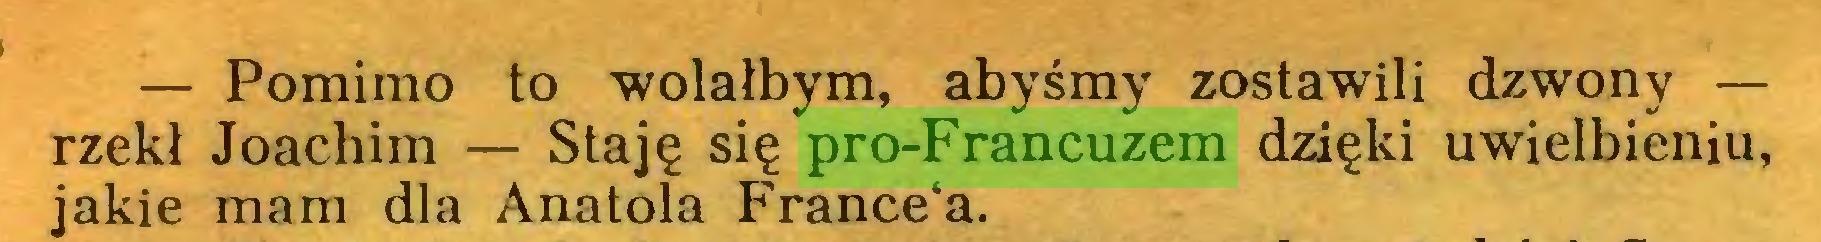 (...) — Pomimo to wolałbym, abyśmy zostawili dzwony — rzekł Joachim — Staję się pro-Francuzem dzięki uwielbieniu, jakie mam dla Anatola France'a...